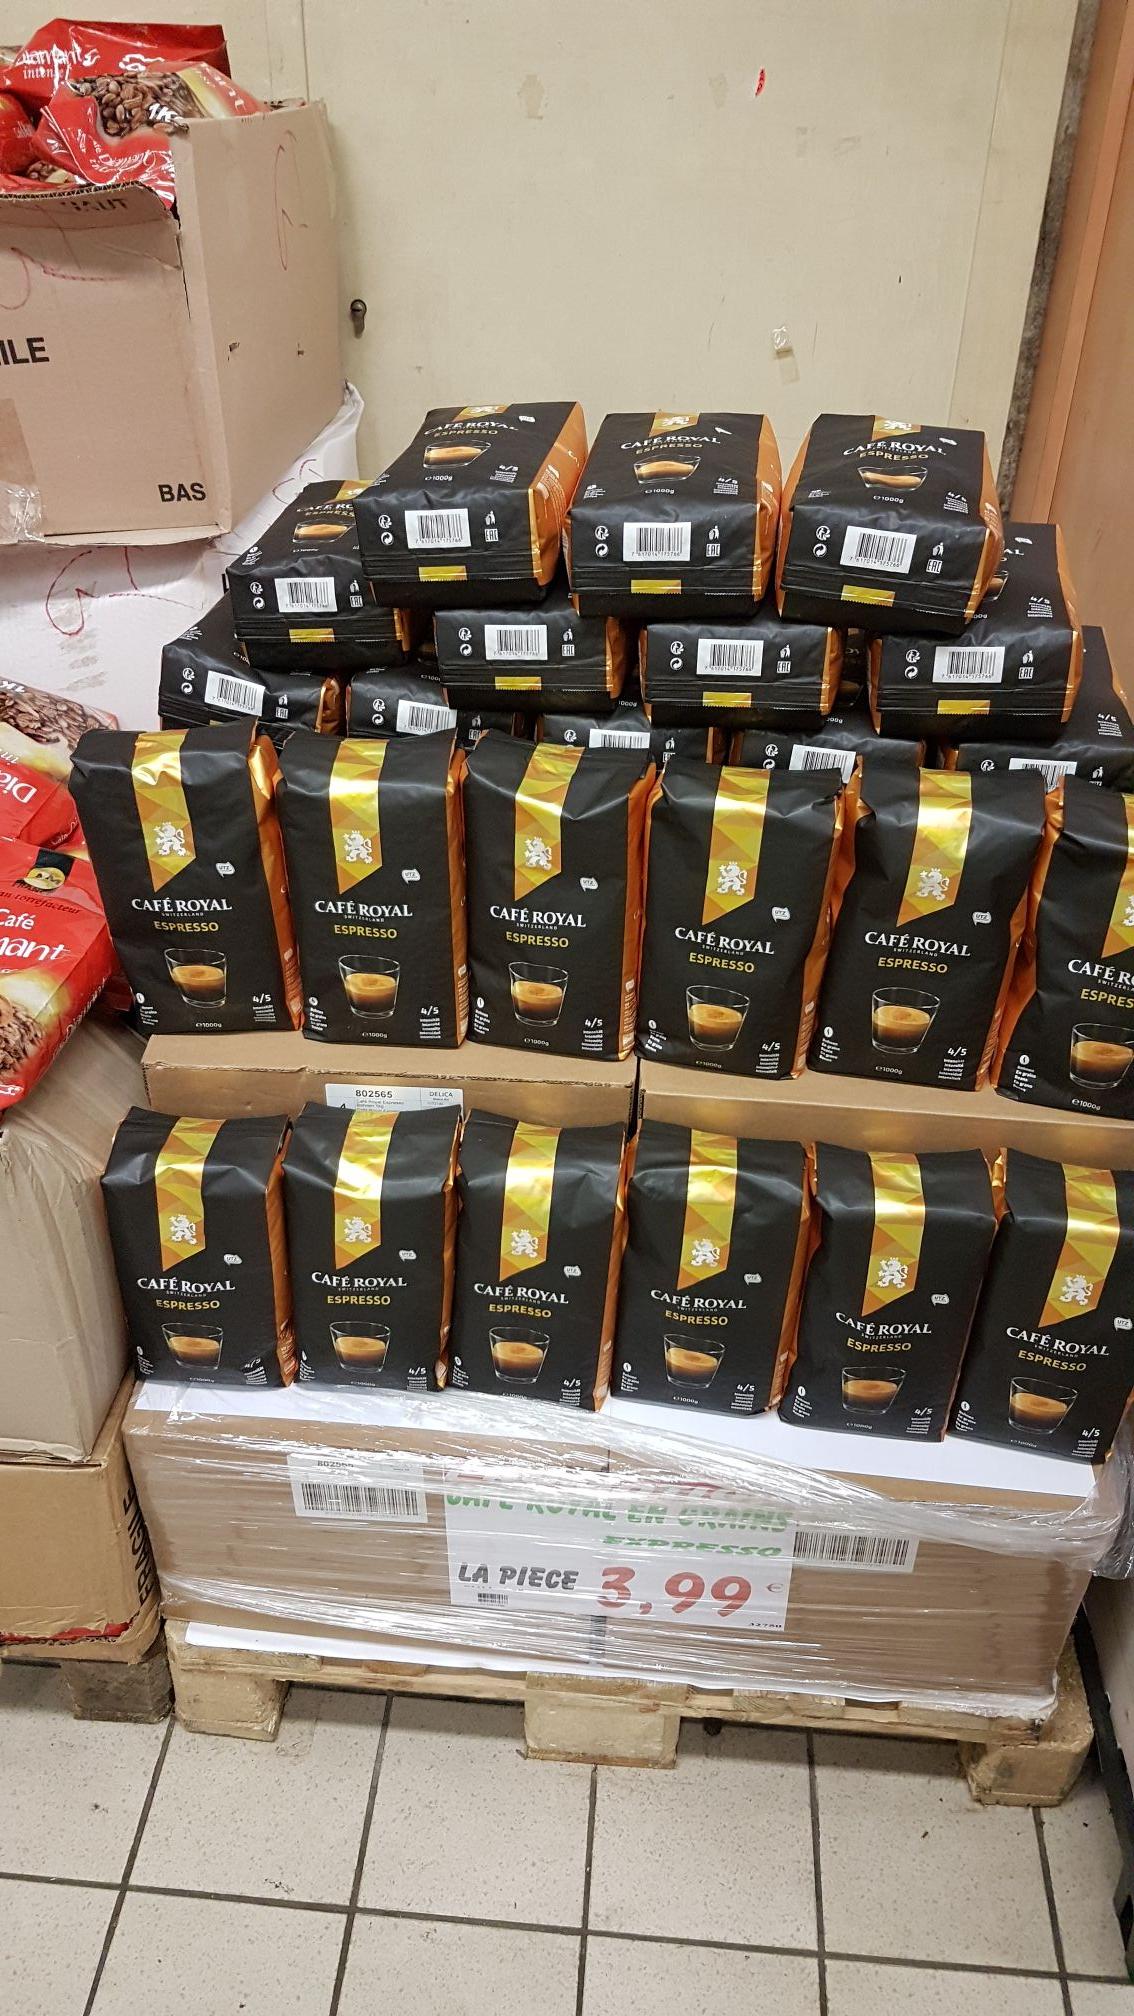 Paquet de café en grains Cafe Royal Espresso 1kg - Espace Primeur Epinay-sur-seine (93)